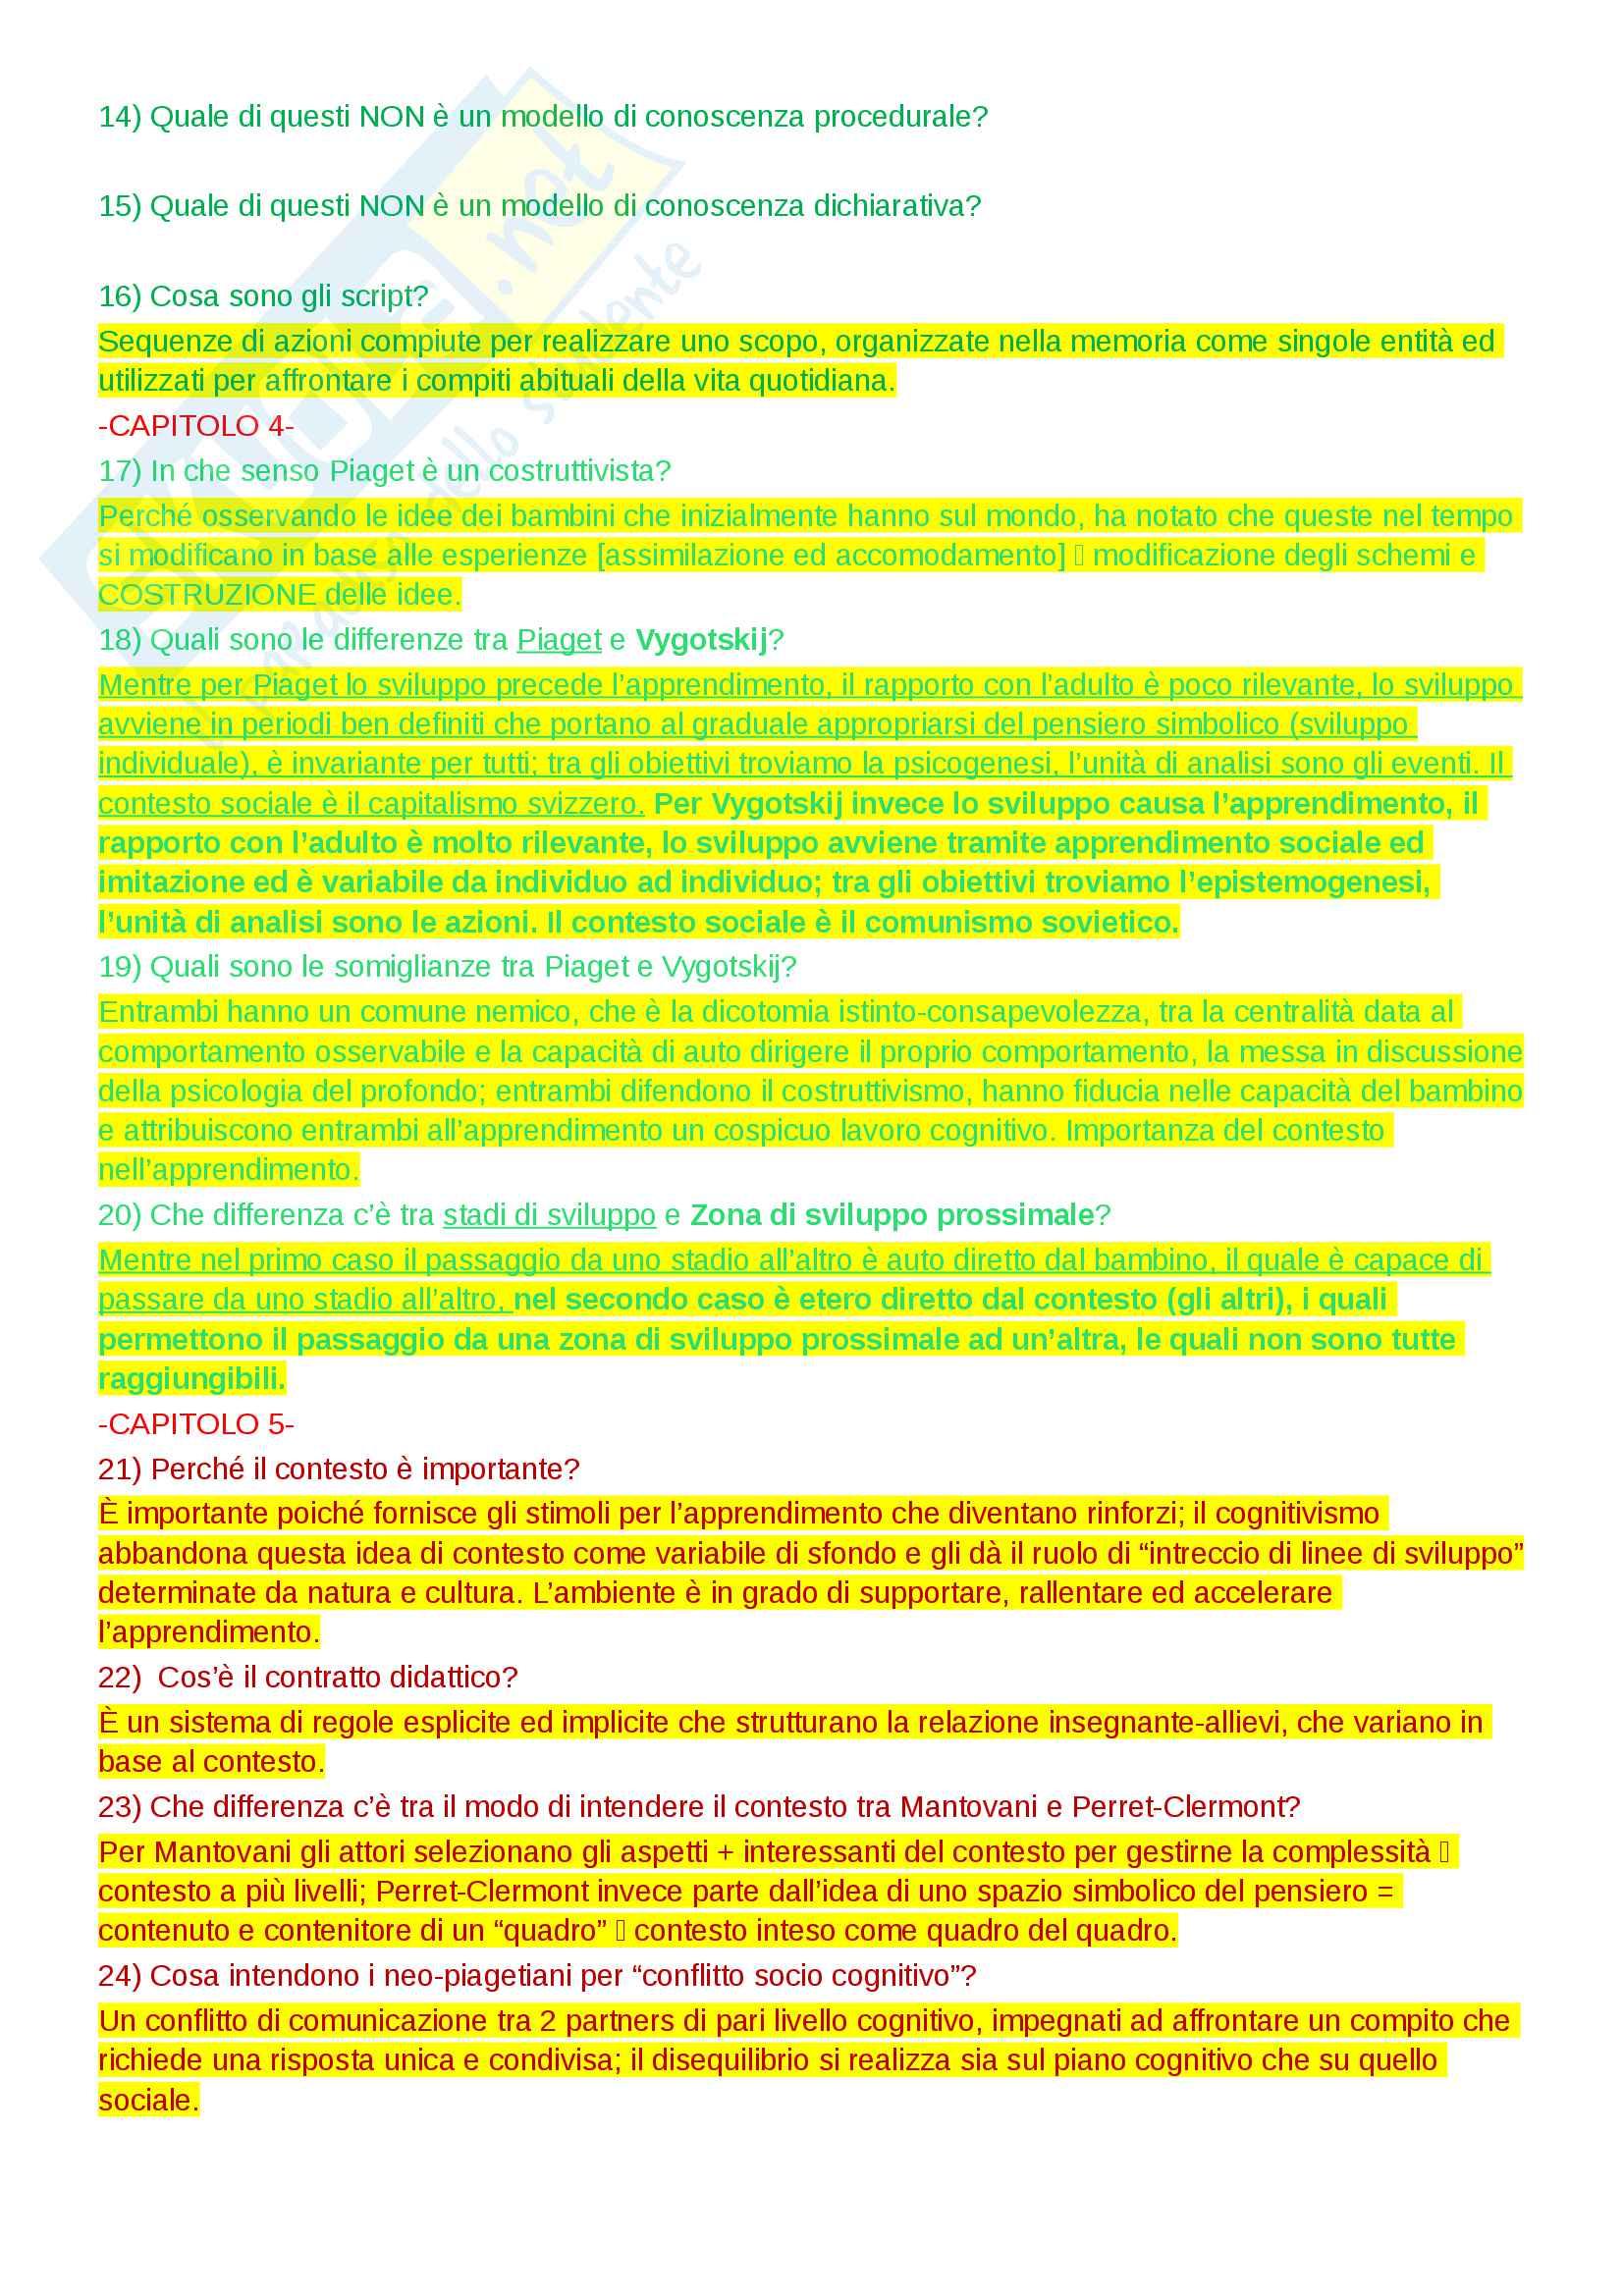 Domande e risposte per l'esonero dell'esame in psicologia dell'educazione, docente Ligorio Pag. 2